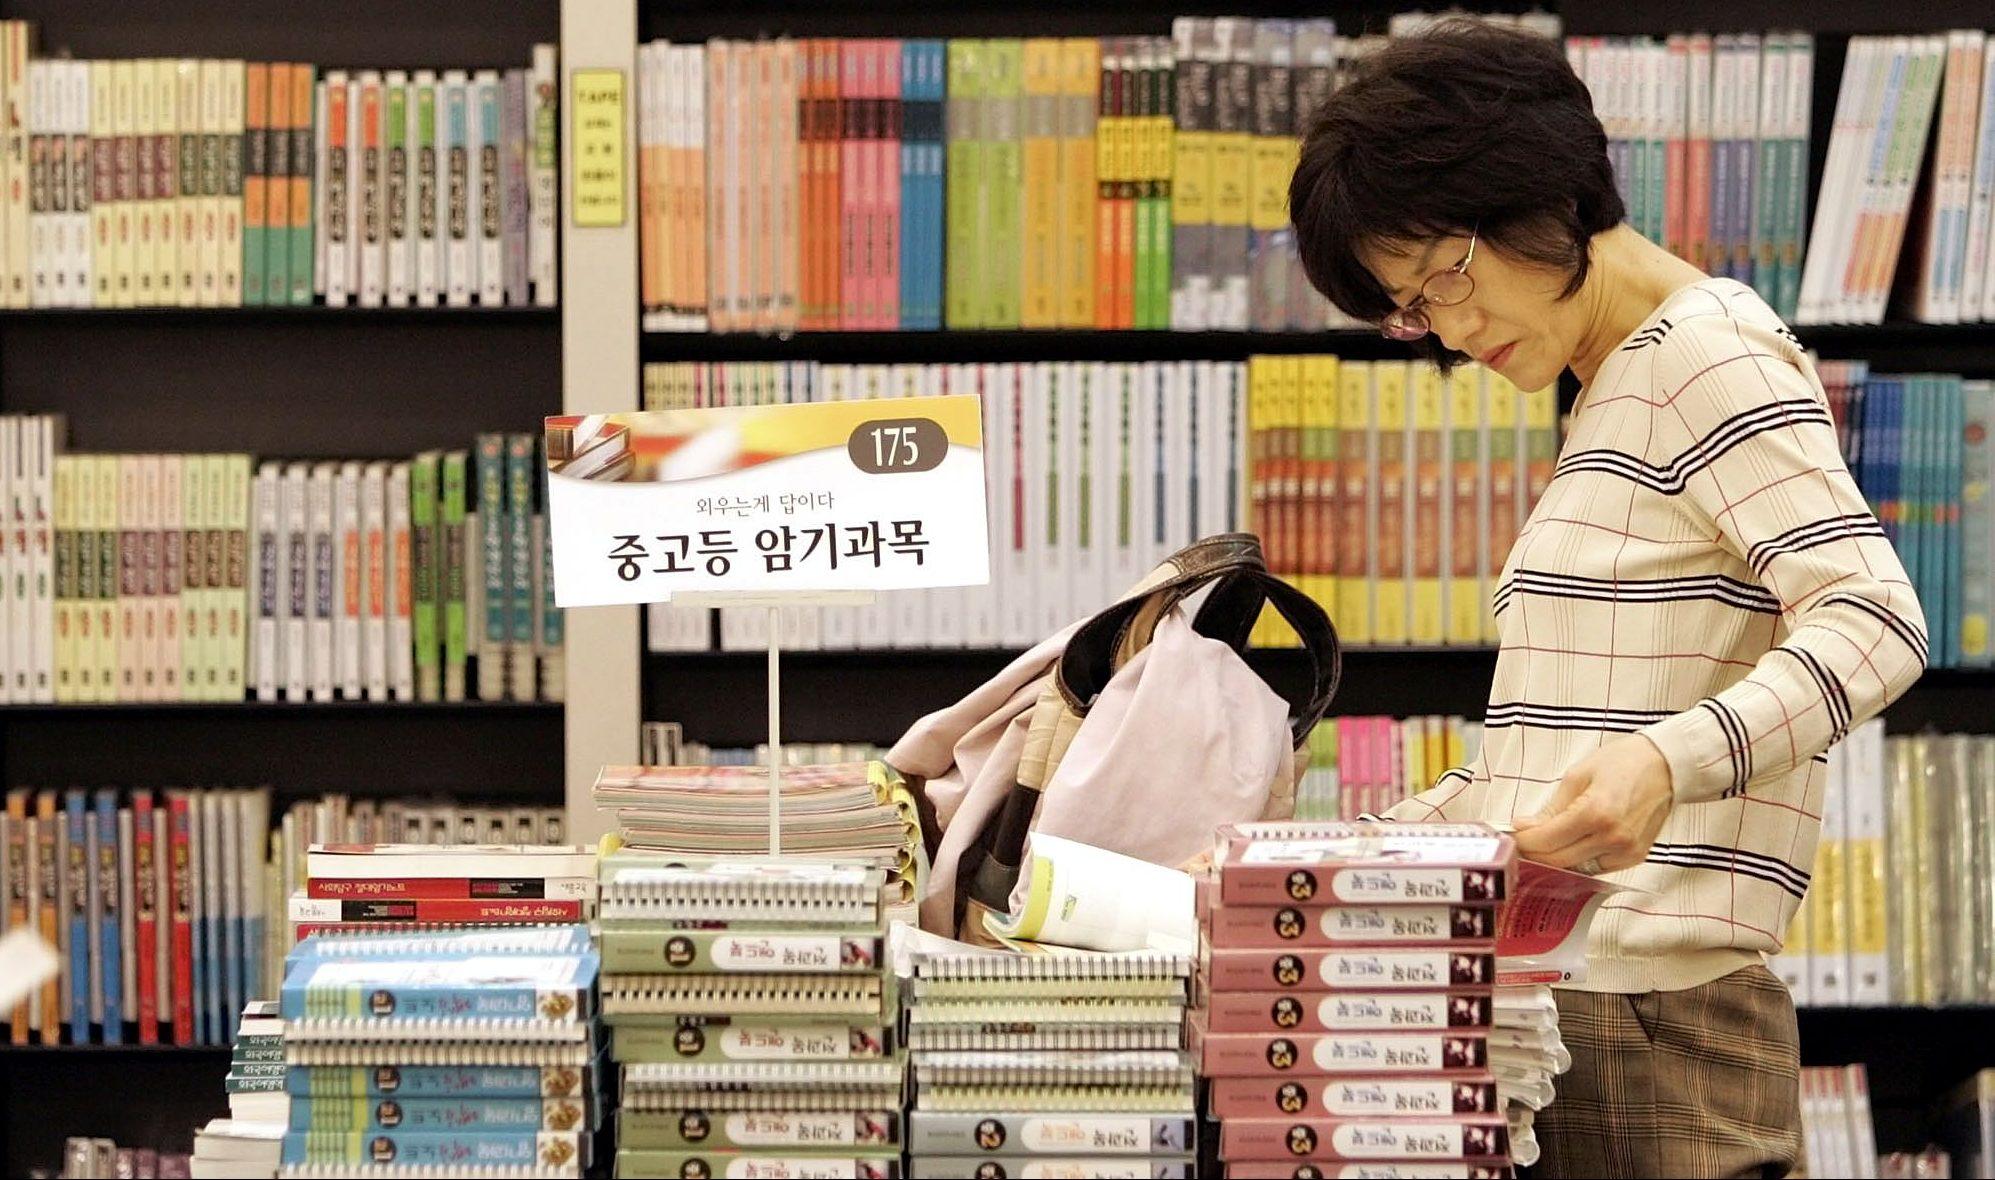 SOUTH KOREA THE DAECHIDONG MOMS